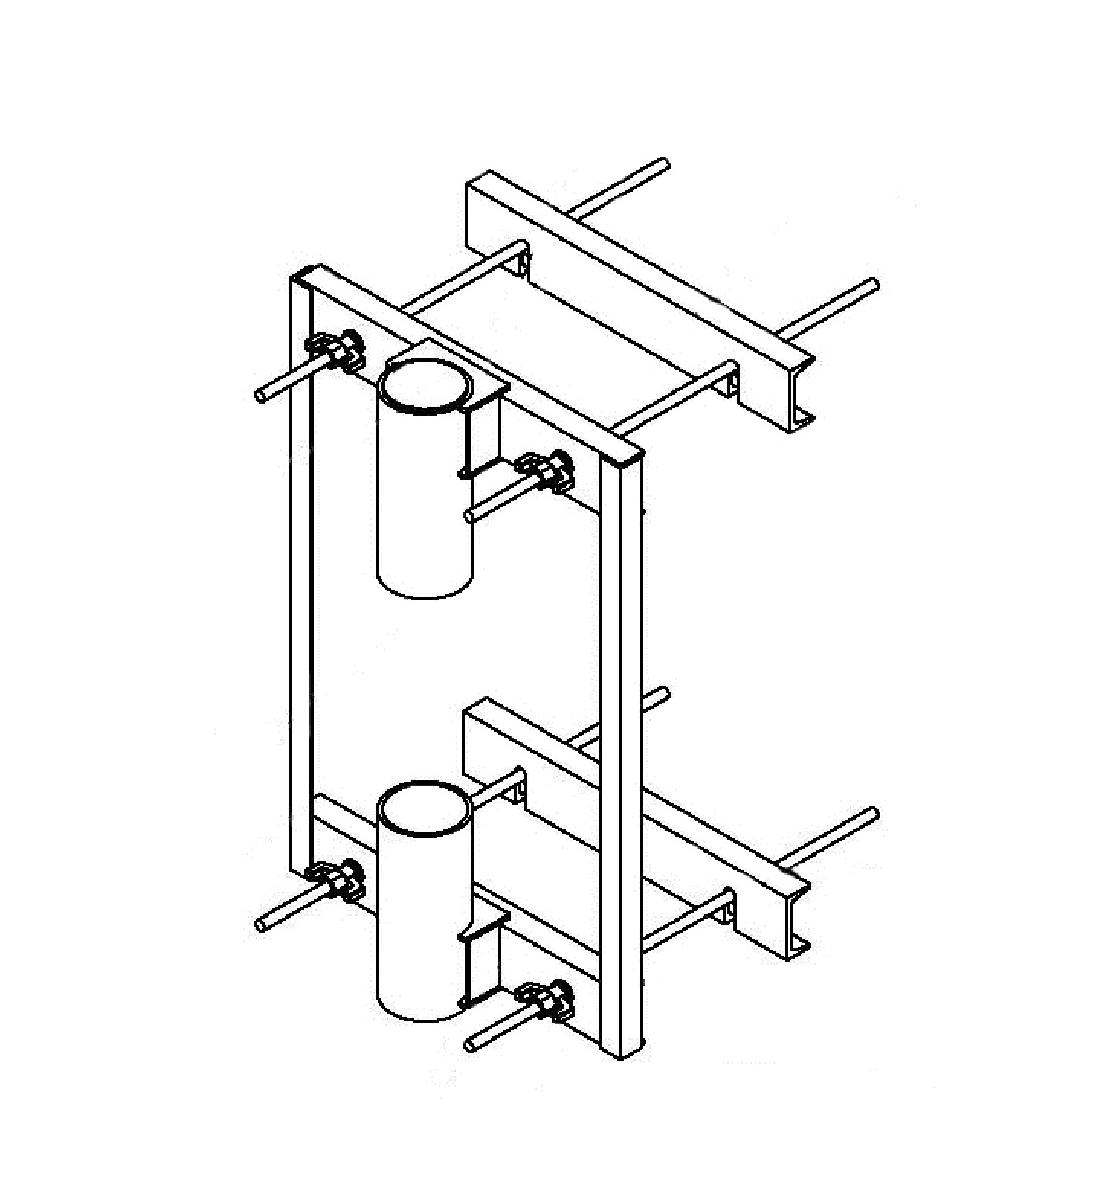 Safelink Form Link Anchor